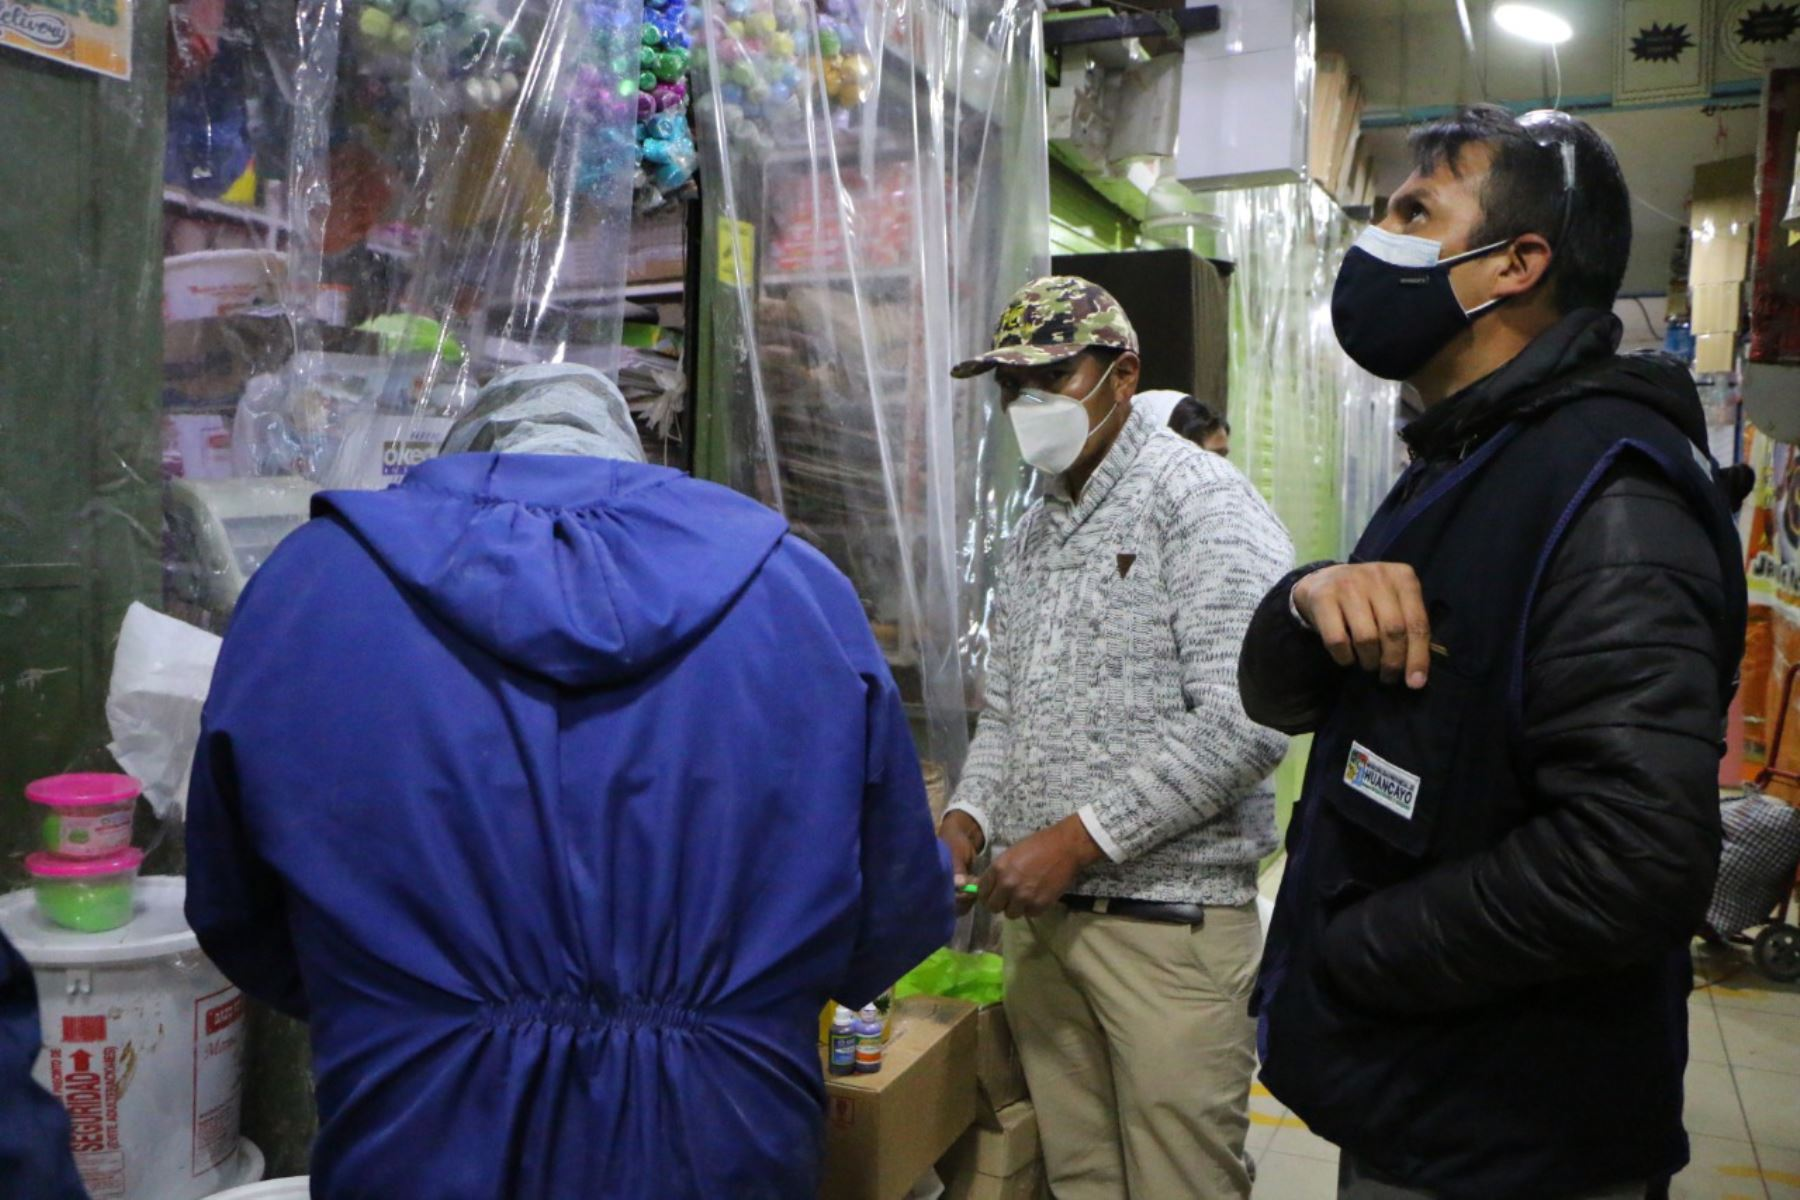 El mercado Modelo de Huancayo (Junín) permanecerá cerrado durante 15 días ante el riesgo de que sea un foco de contagio del covid-19. Foto: ANDINA/Difusión